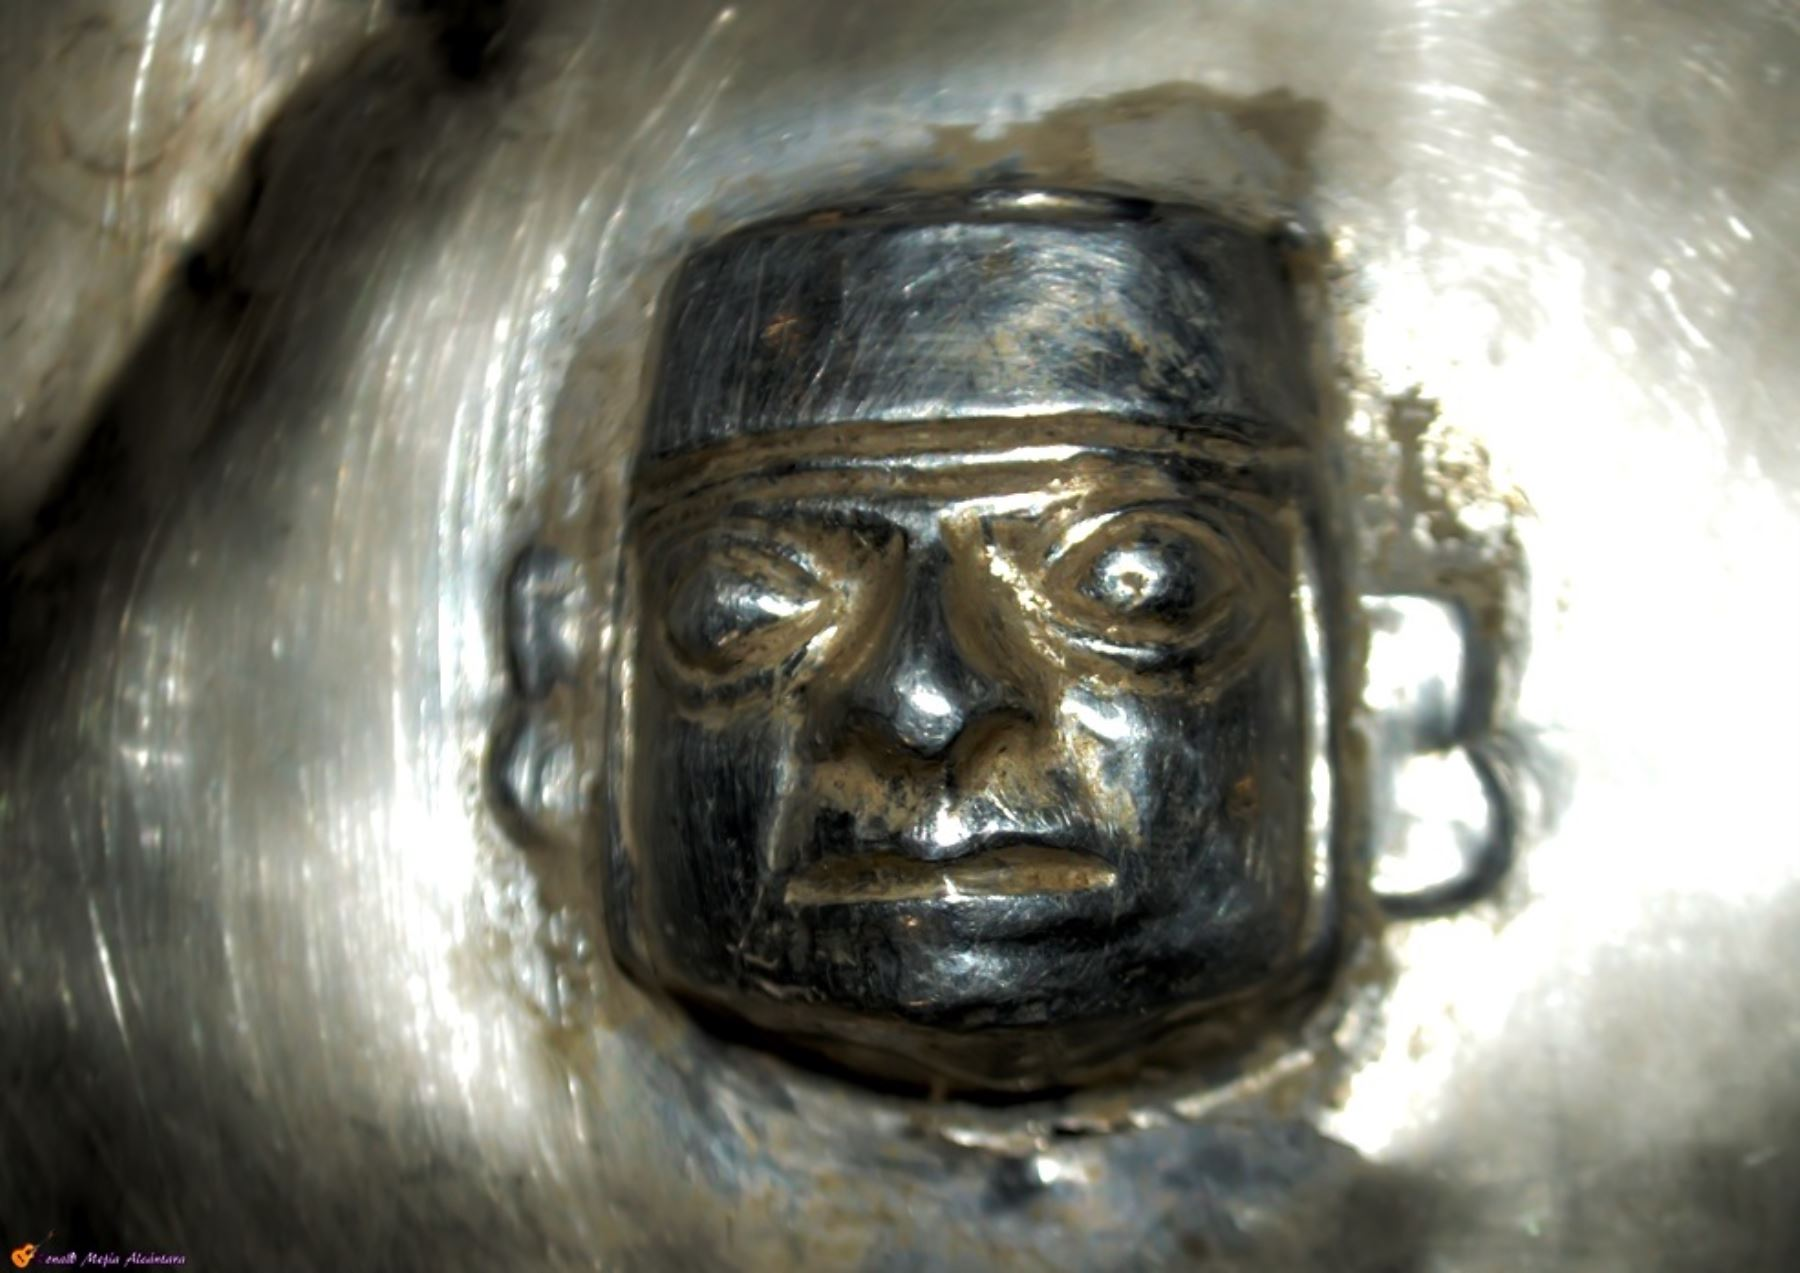 Las 92 piezas de oro y plata halladas en el cerro Ilucán, permanecen bajo custodia de la Municipalidad Provincial de Cutervo, Cajamarca. Cortesía